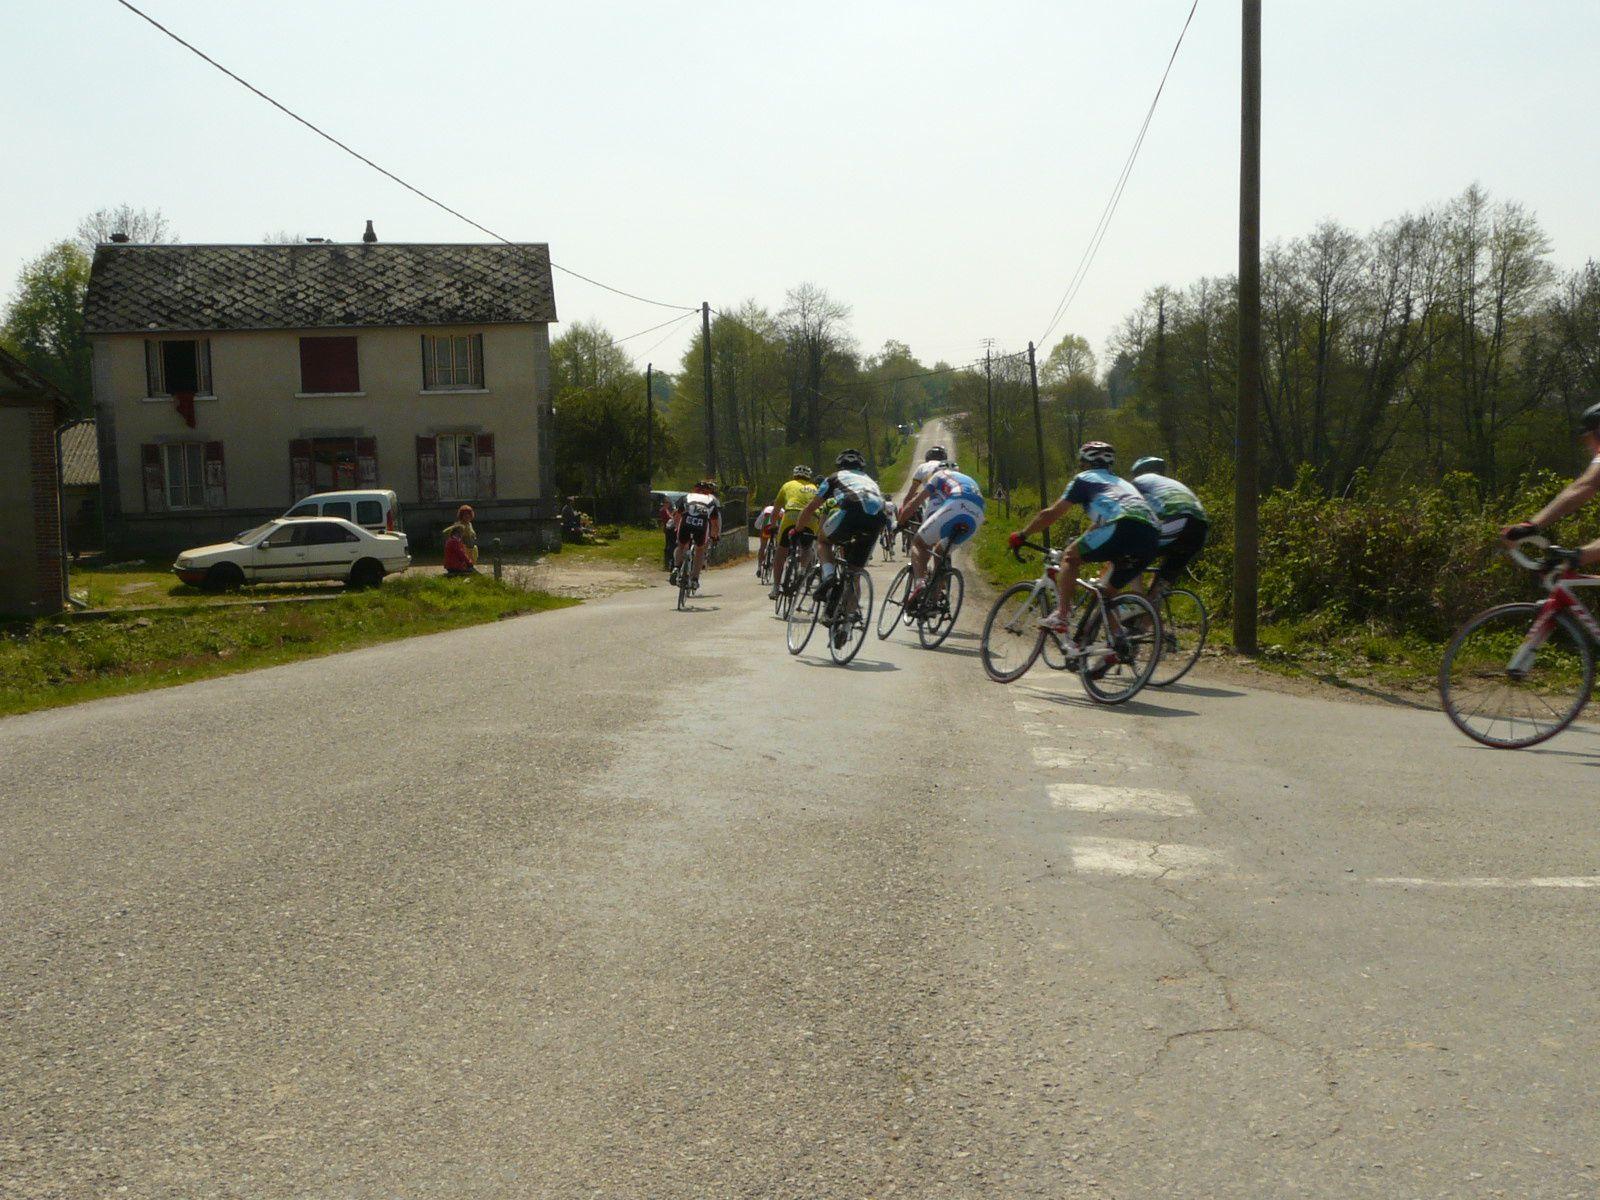 122 concurrents à St Georges Les Landes